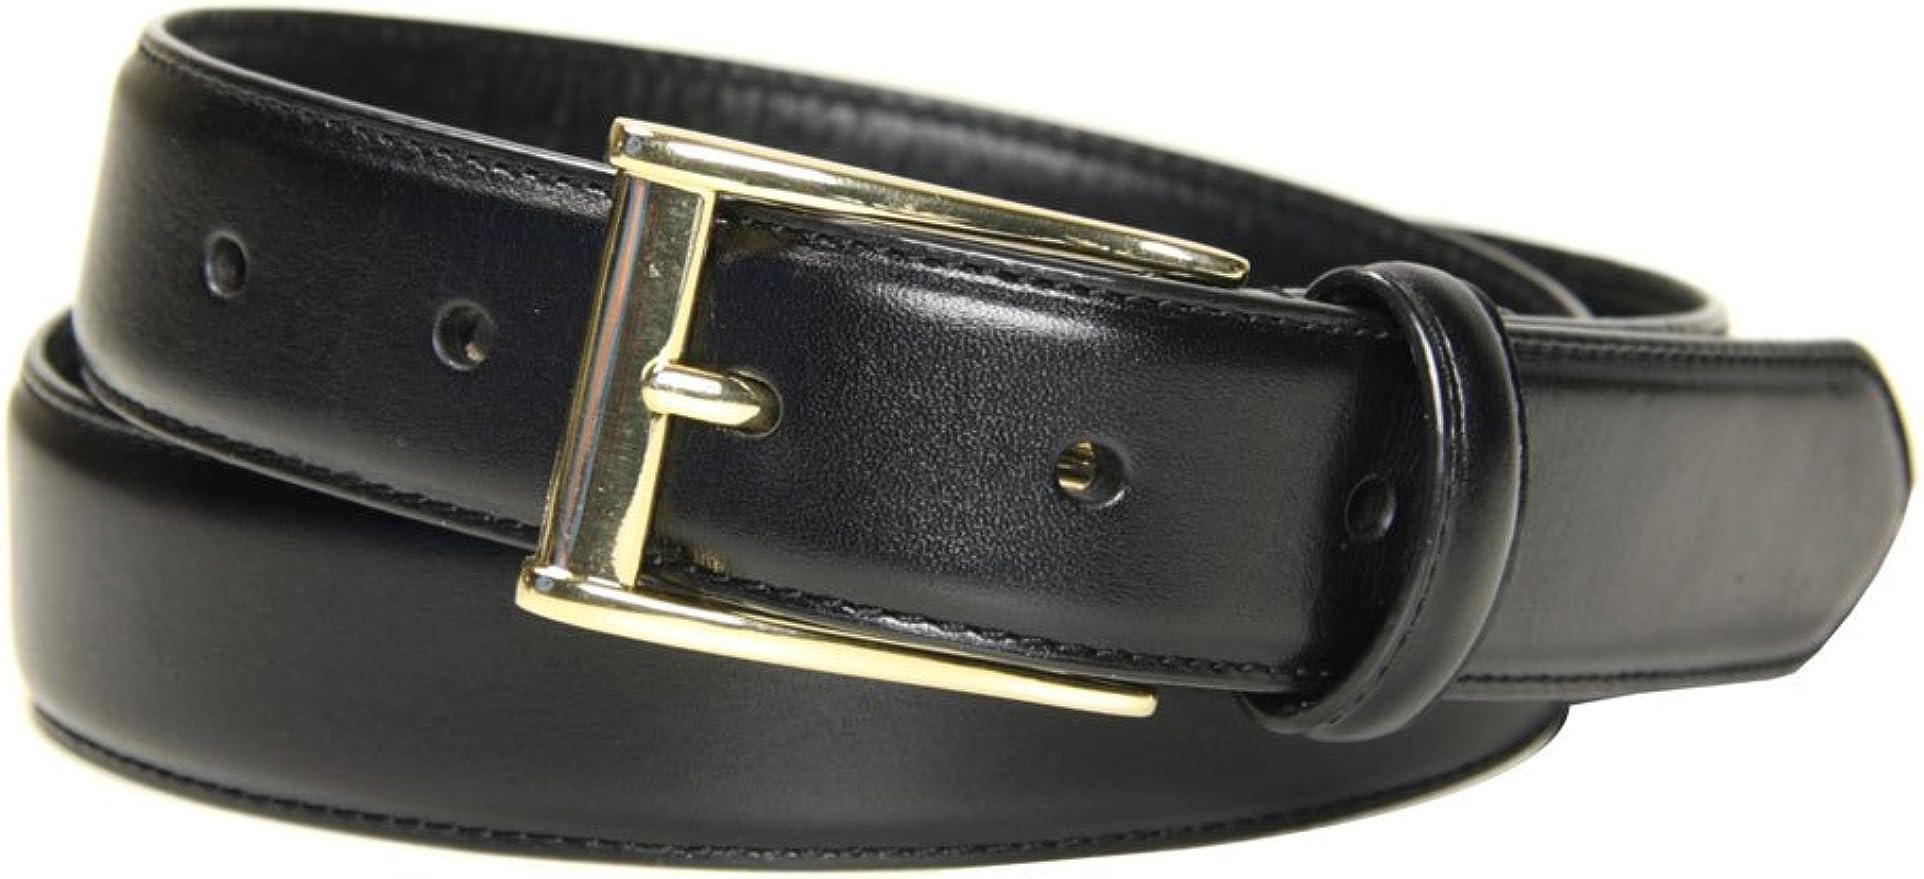 Ralph Lauren - Cinturón para caballero - Logotipo de Polo grabado ...